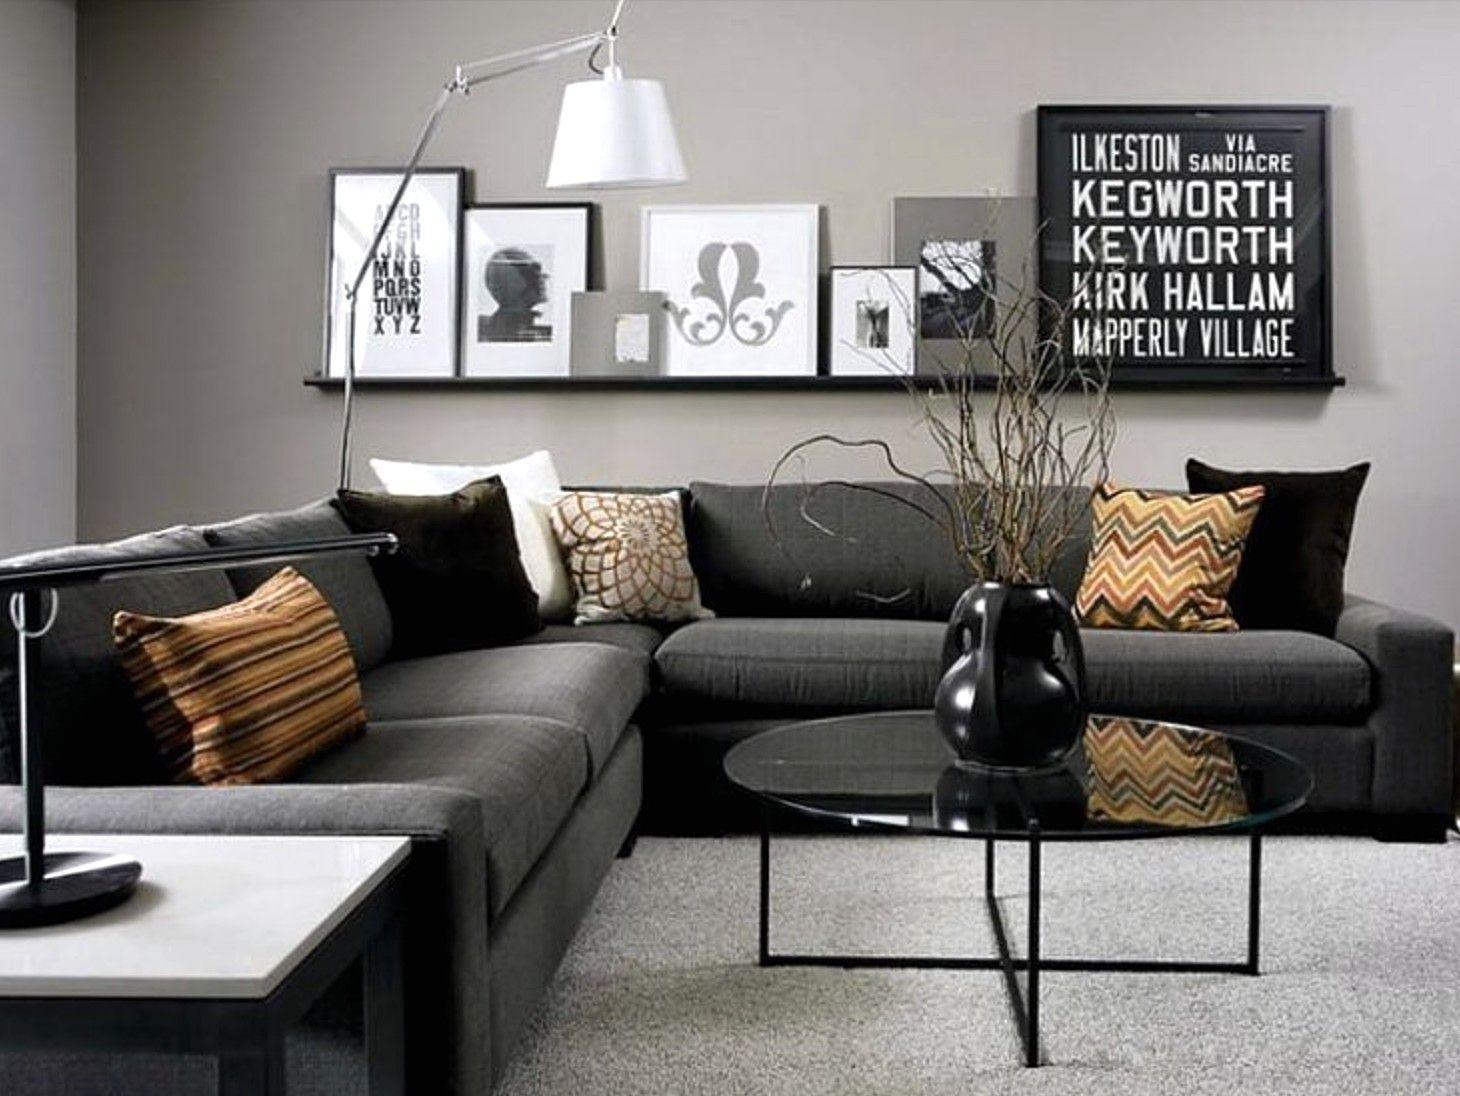 63 Desain Warna Ruang Tamu Rumah Minimalis | Desain Rumah Minimalis Terbaru